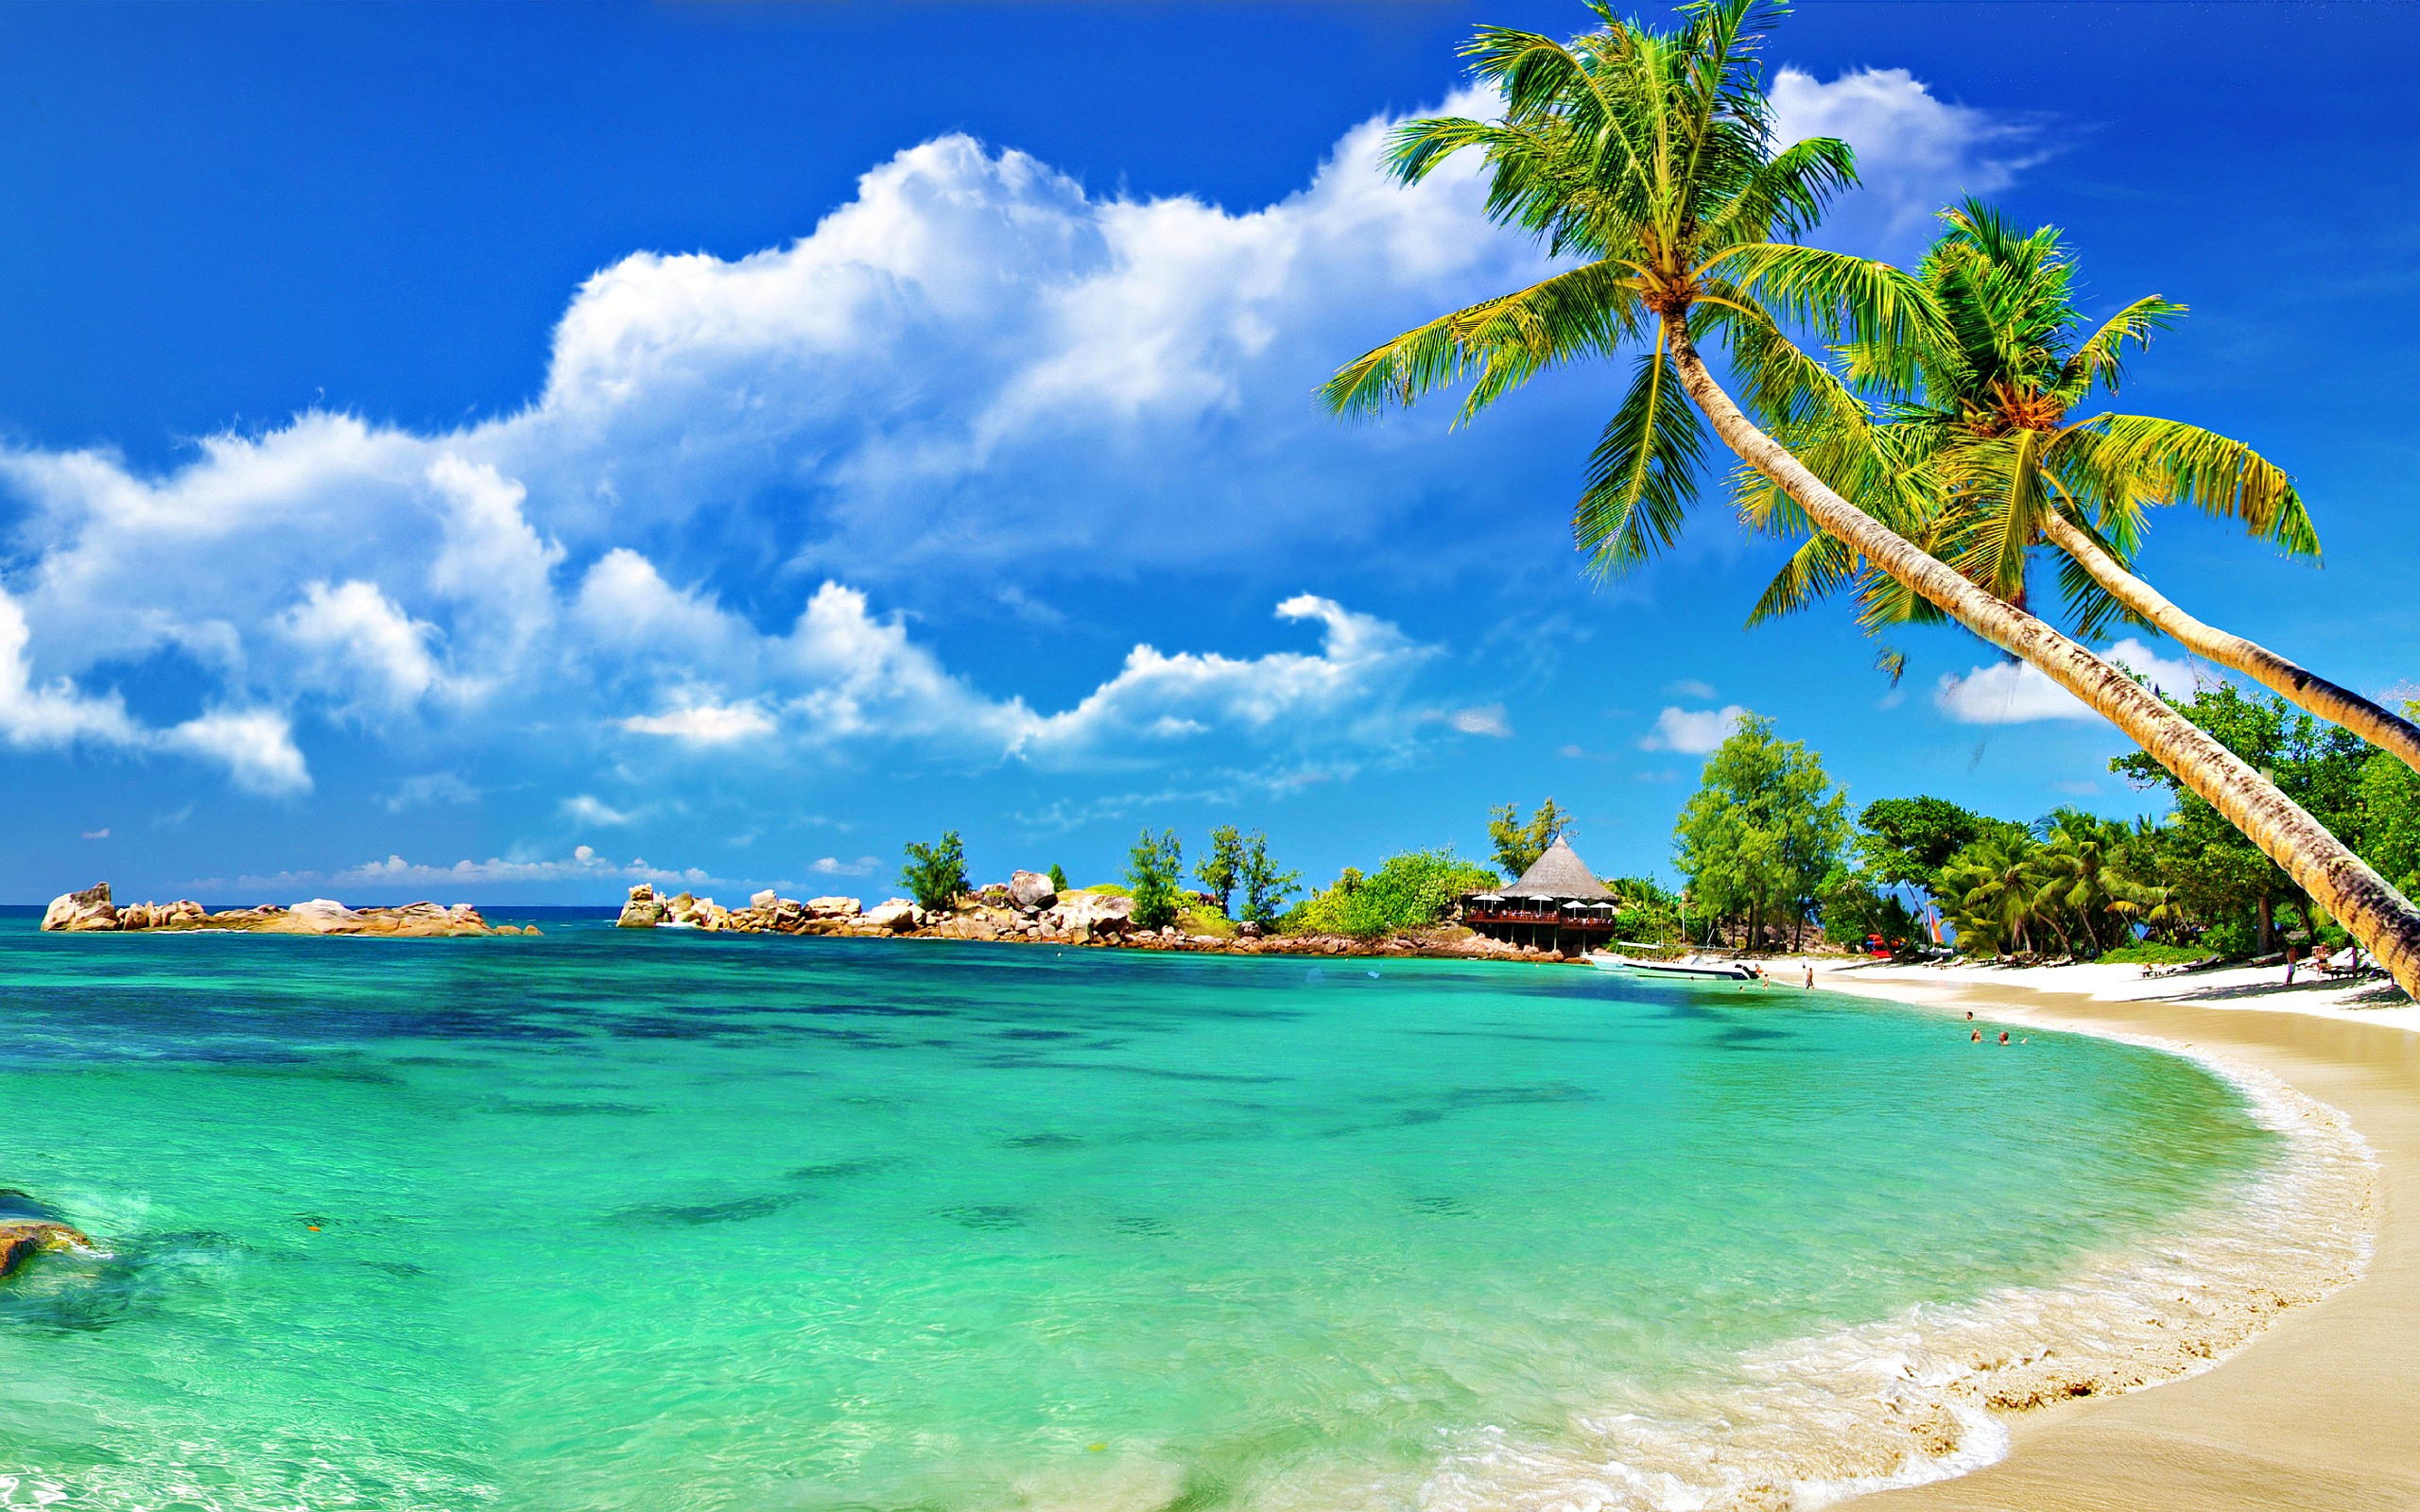 ... wallpaper, Tropical Beach Wallpapers hd wallpaper, background desktop